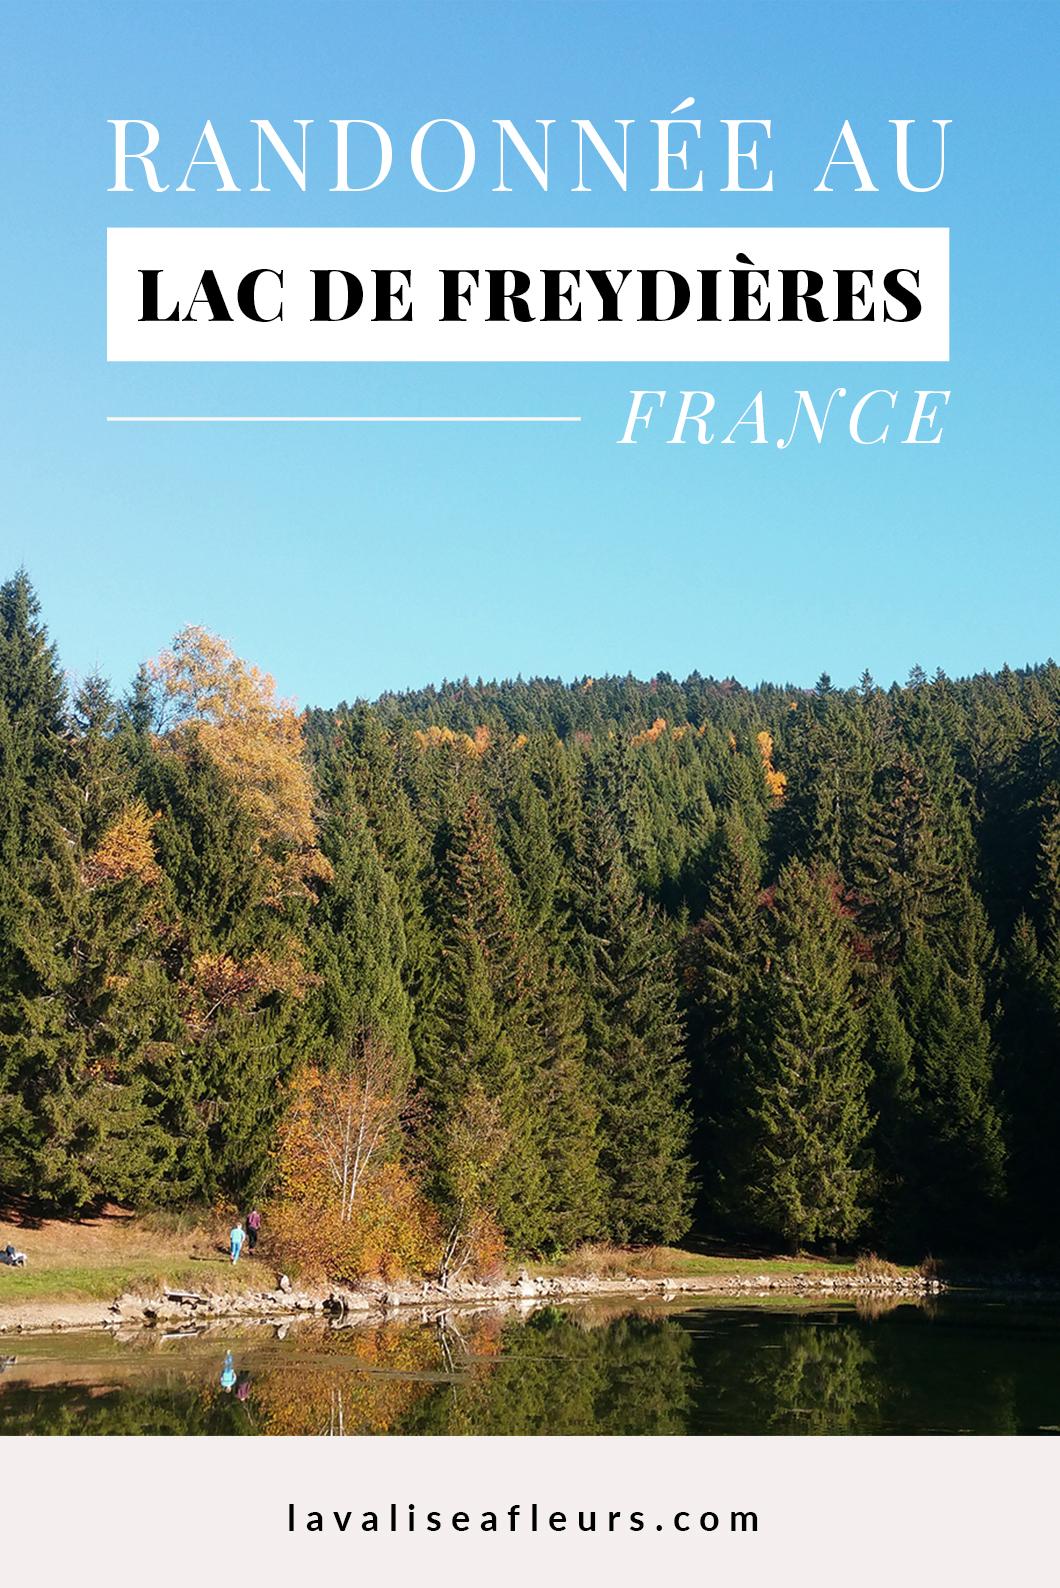 Rando au Lac de Freydière en France